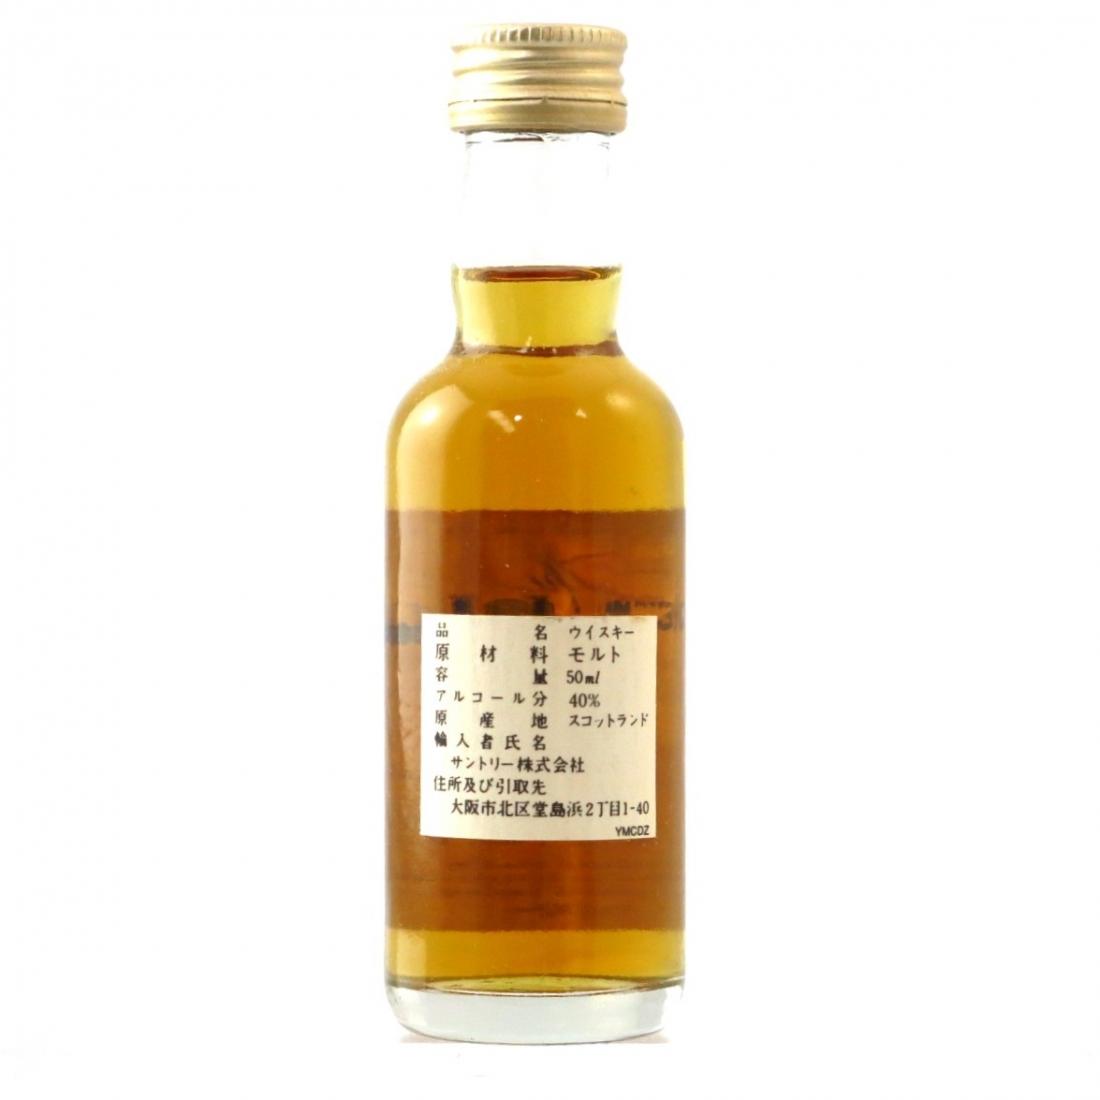 Macallan Distiller's Choice Miniature 5cl / Japanese Import